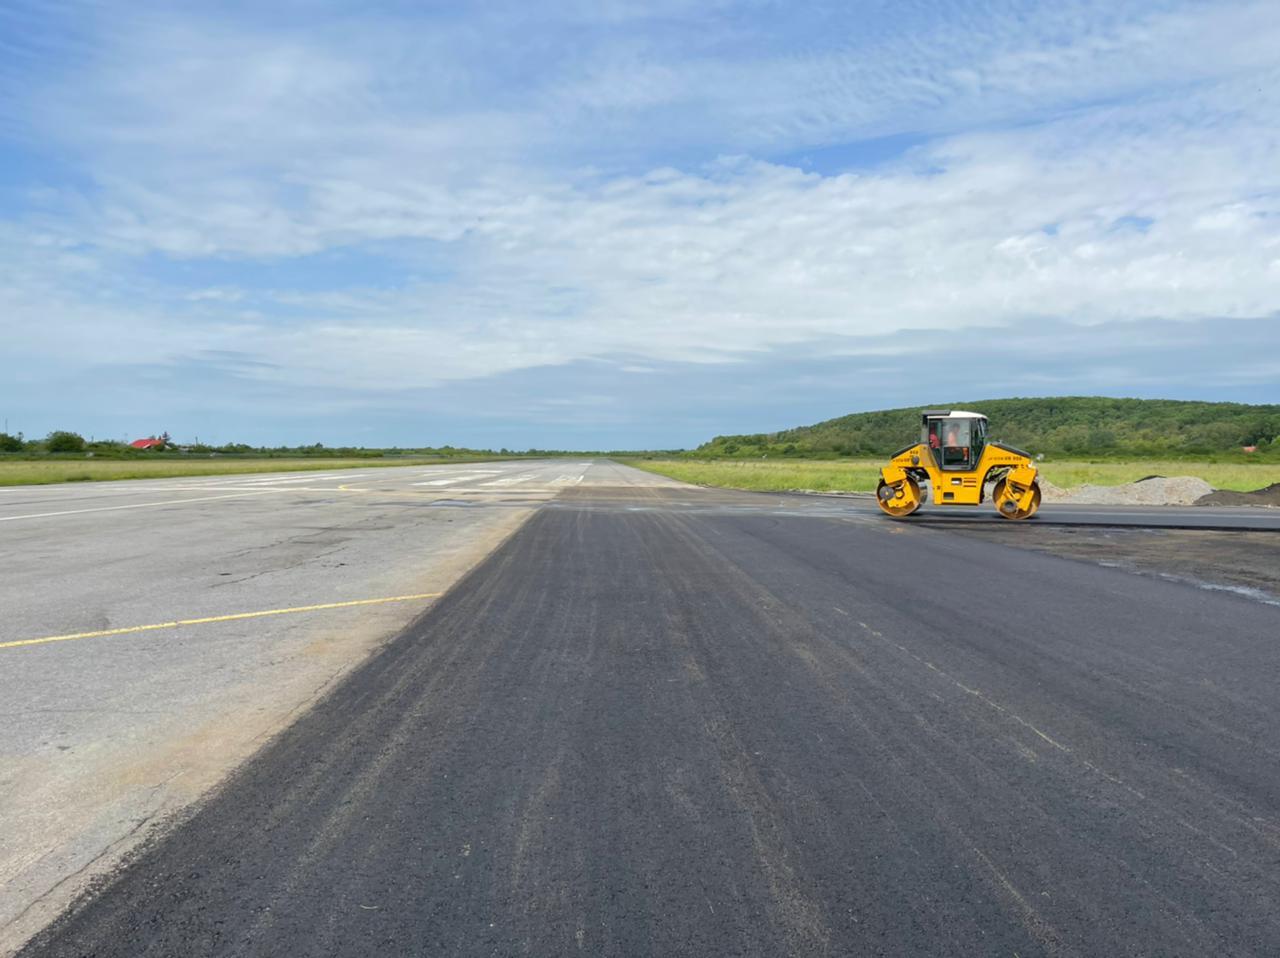 Ужгородський аеропорт готується до прийому перших рейсів